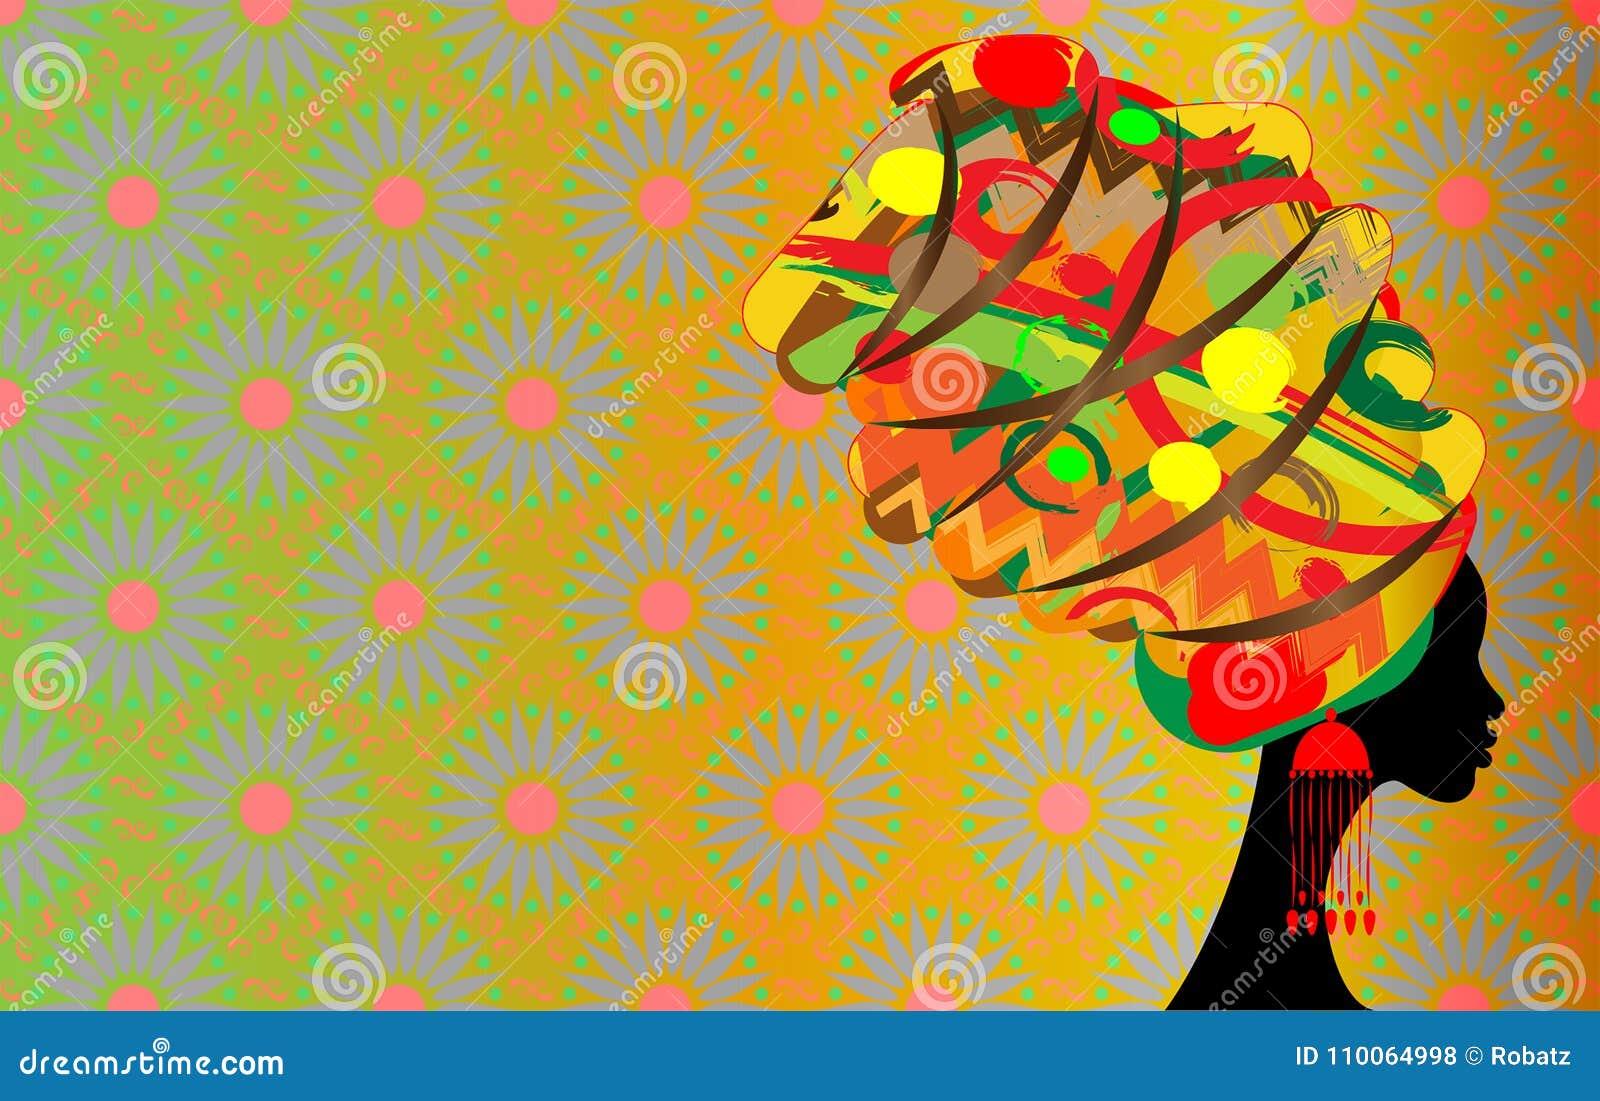 Batik, mulher africana bonita do retrato no turbante tradicional, silhueta das mulheres negras